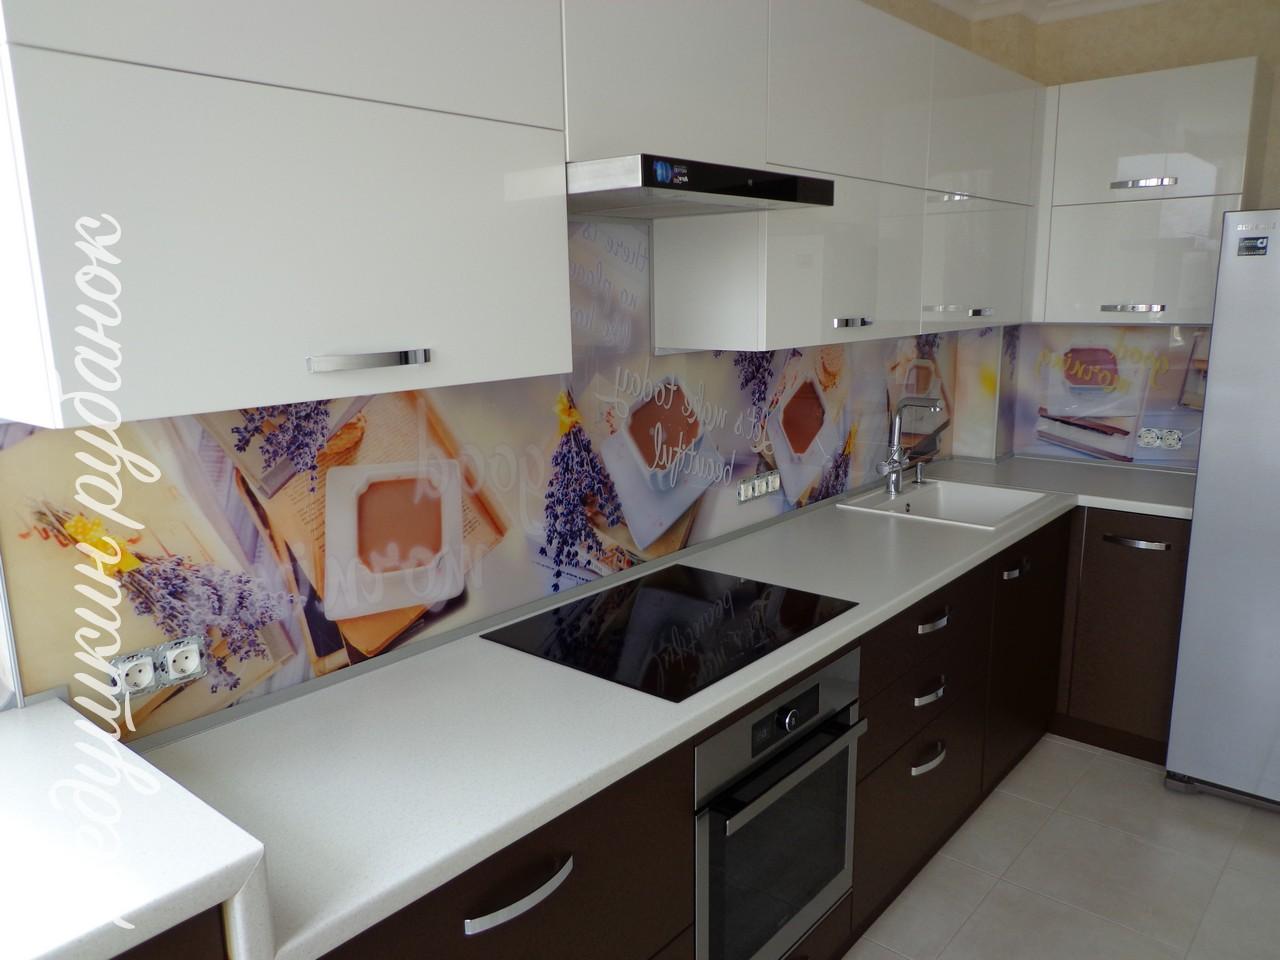 Недорогие кухни на заказ из МДФ от производителя напрямую. Качественные кухни по индивидуальному размеру, дизайн кухни бесплатно. Скидки всем!